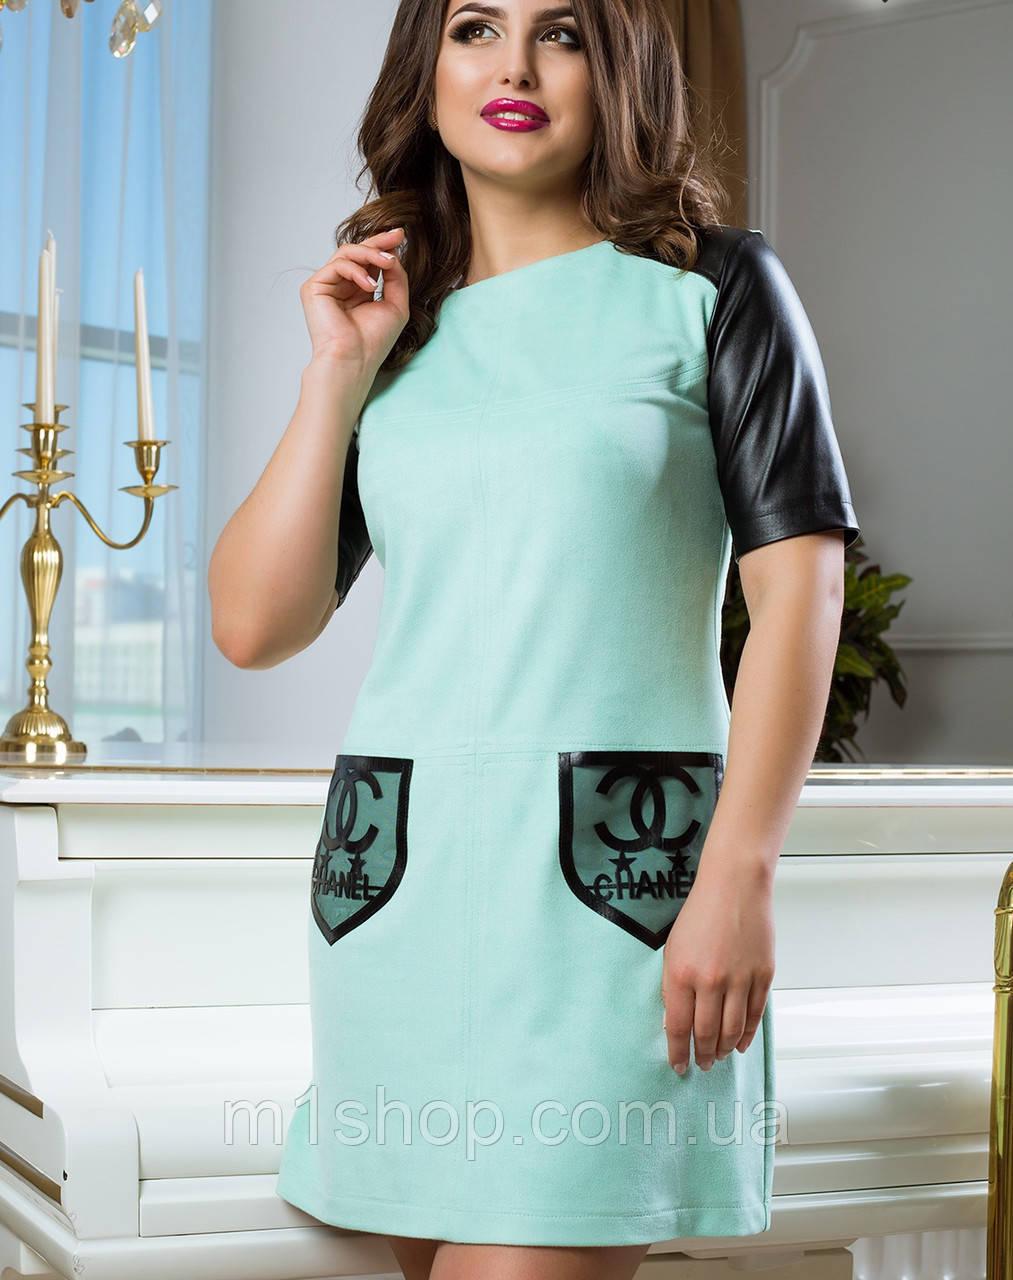 Платье с карманами | Влади lzn